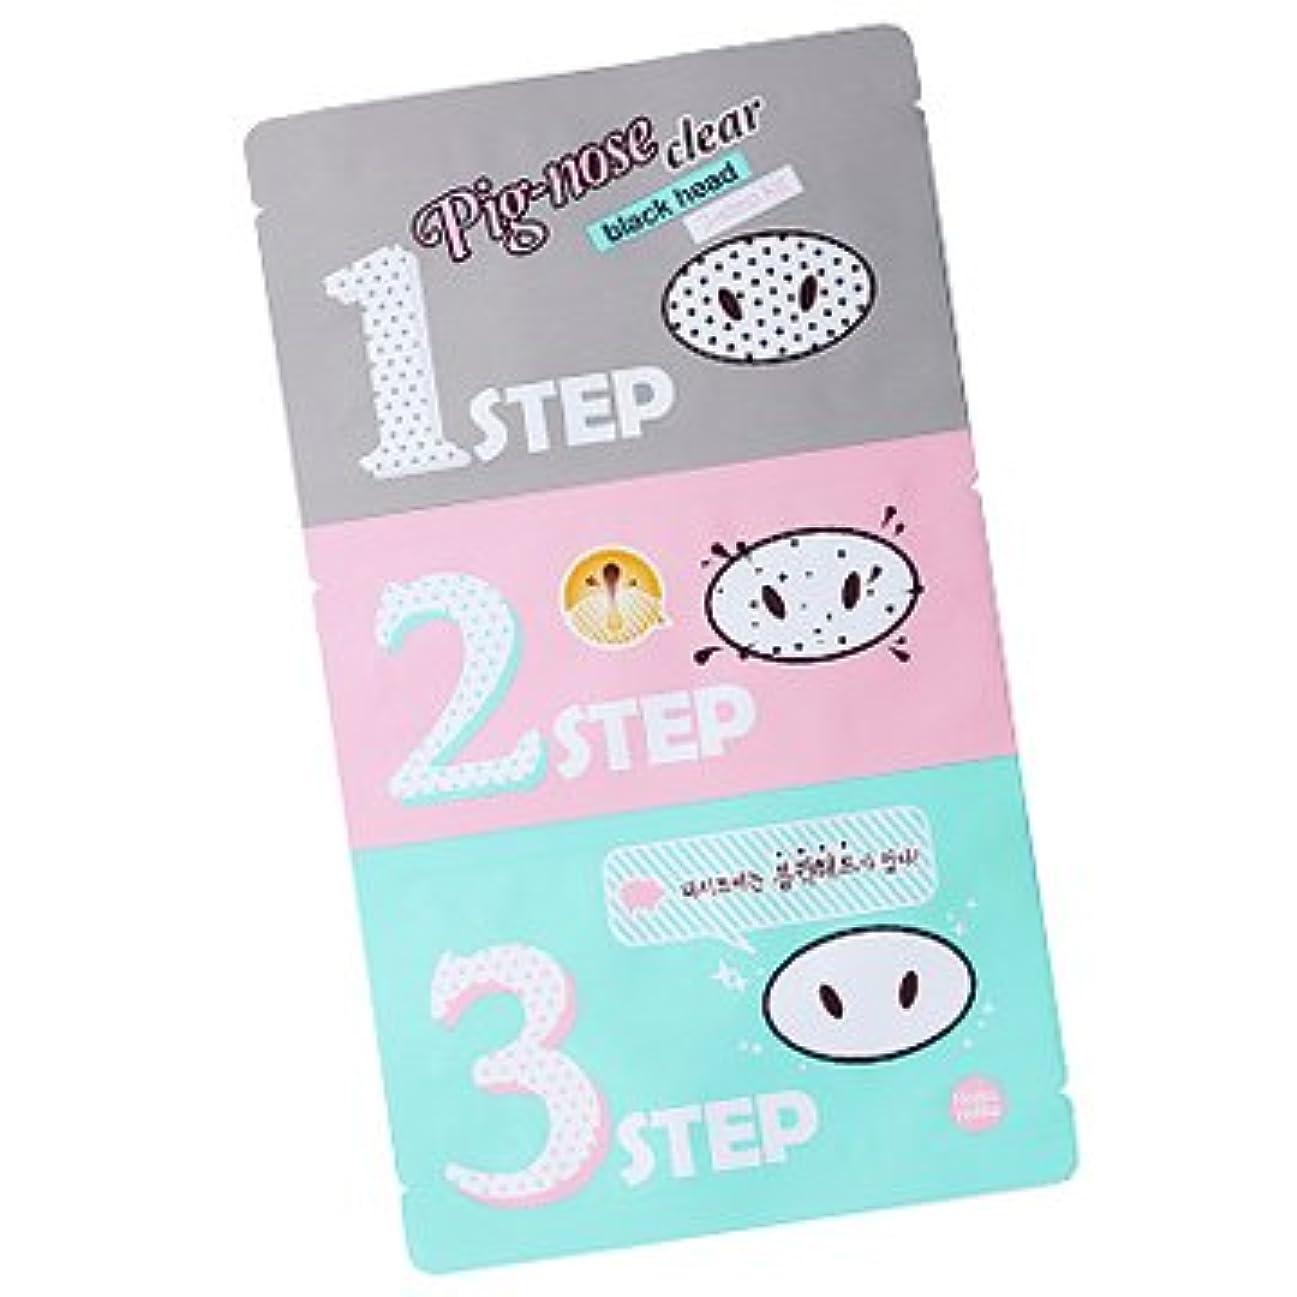 感覚一口オープニングHolika Holika Pig Nose Clear Black Head 3-Step Kit 5EA (Nose Pack) ホリカホリカ ピグノーズクリアブラックヘッド3-Stepキット(鼻パック) 5pcs...